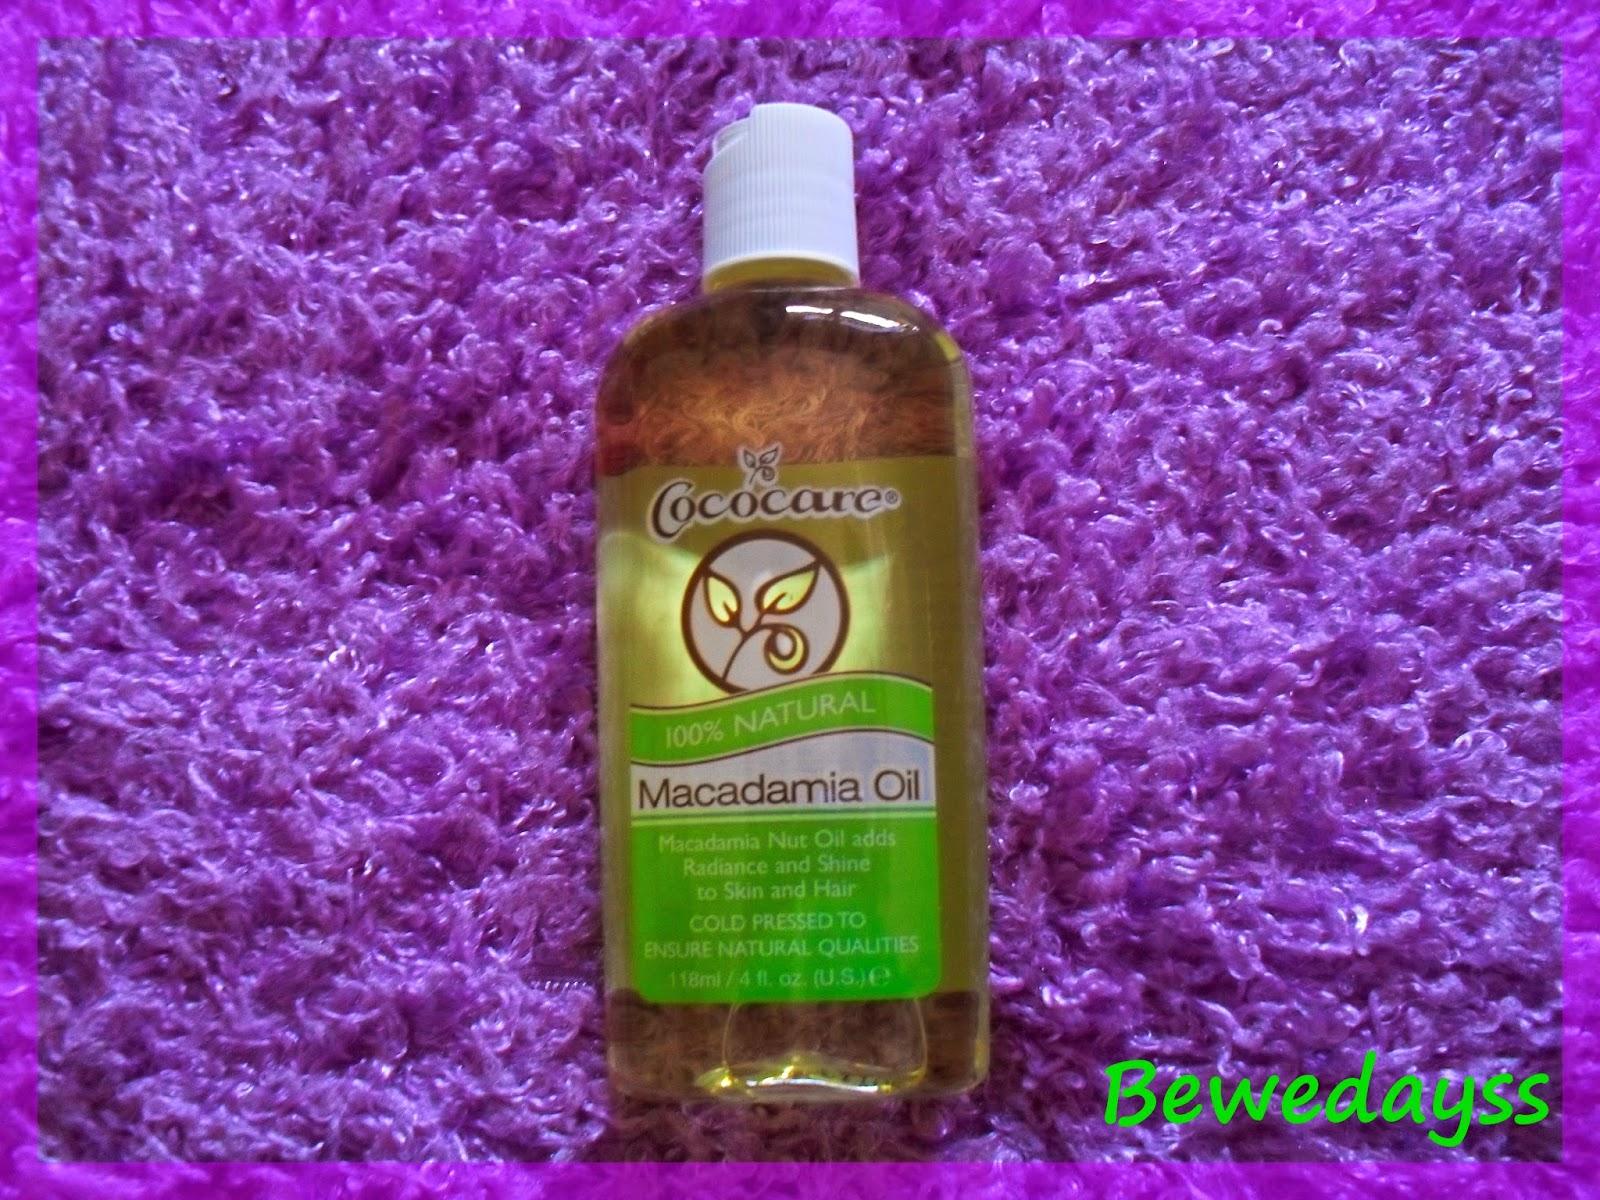 Cococare, Macadamia Oil